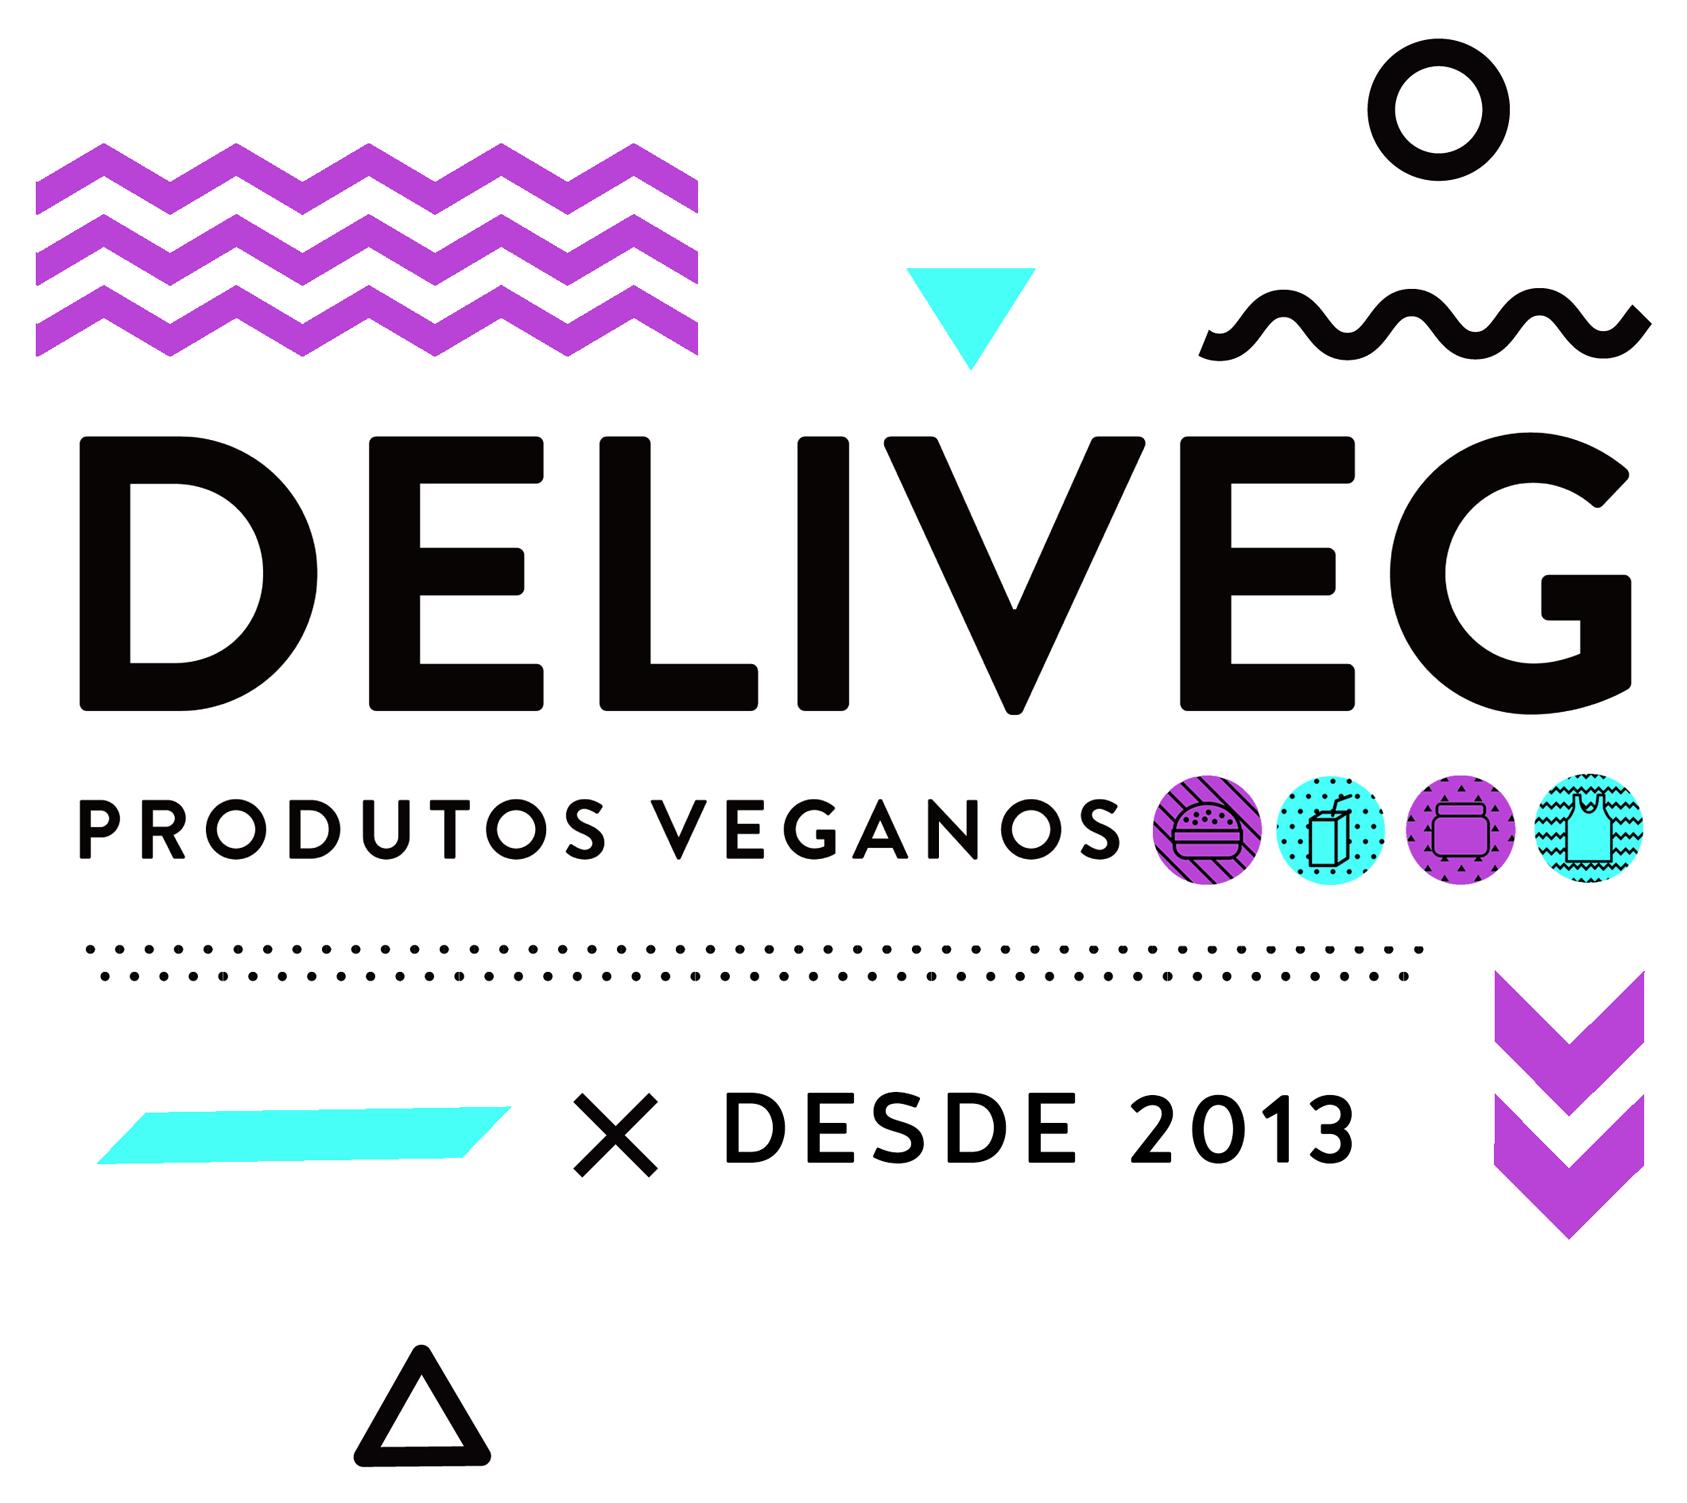 Deliveg Produtos Veganos